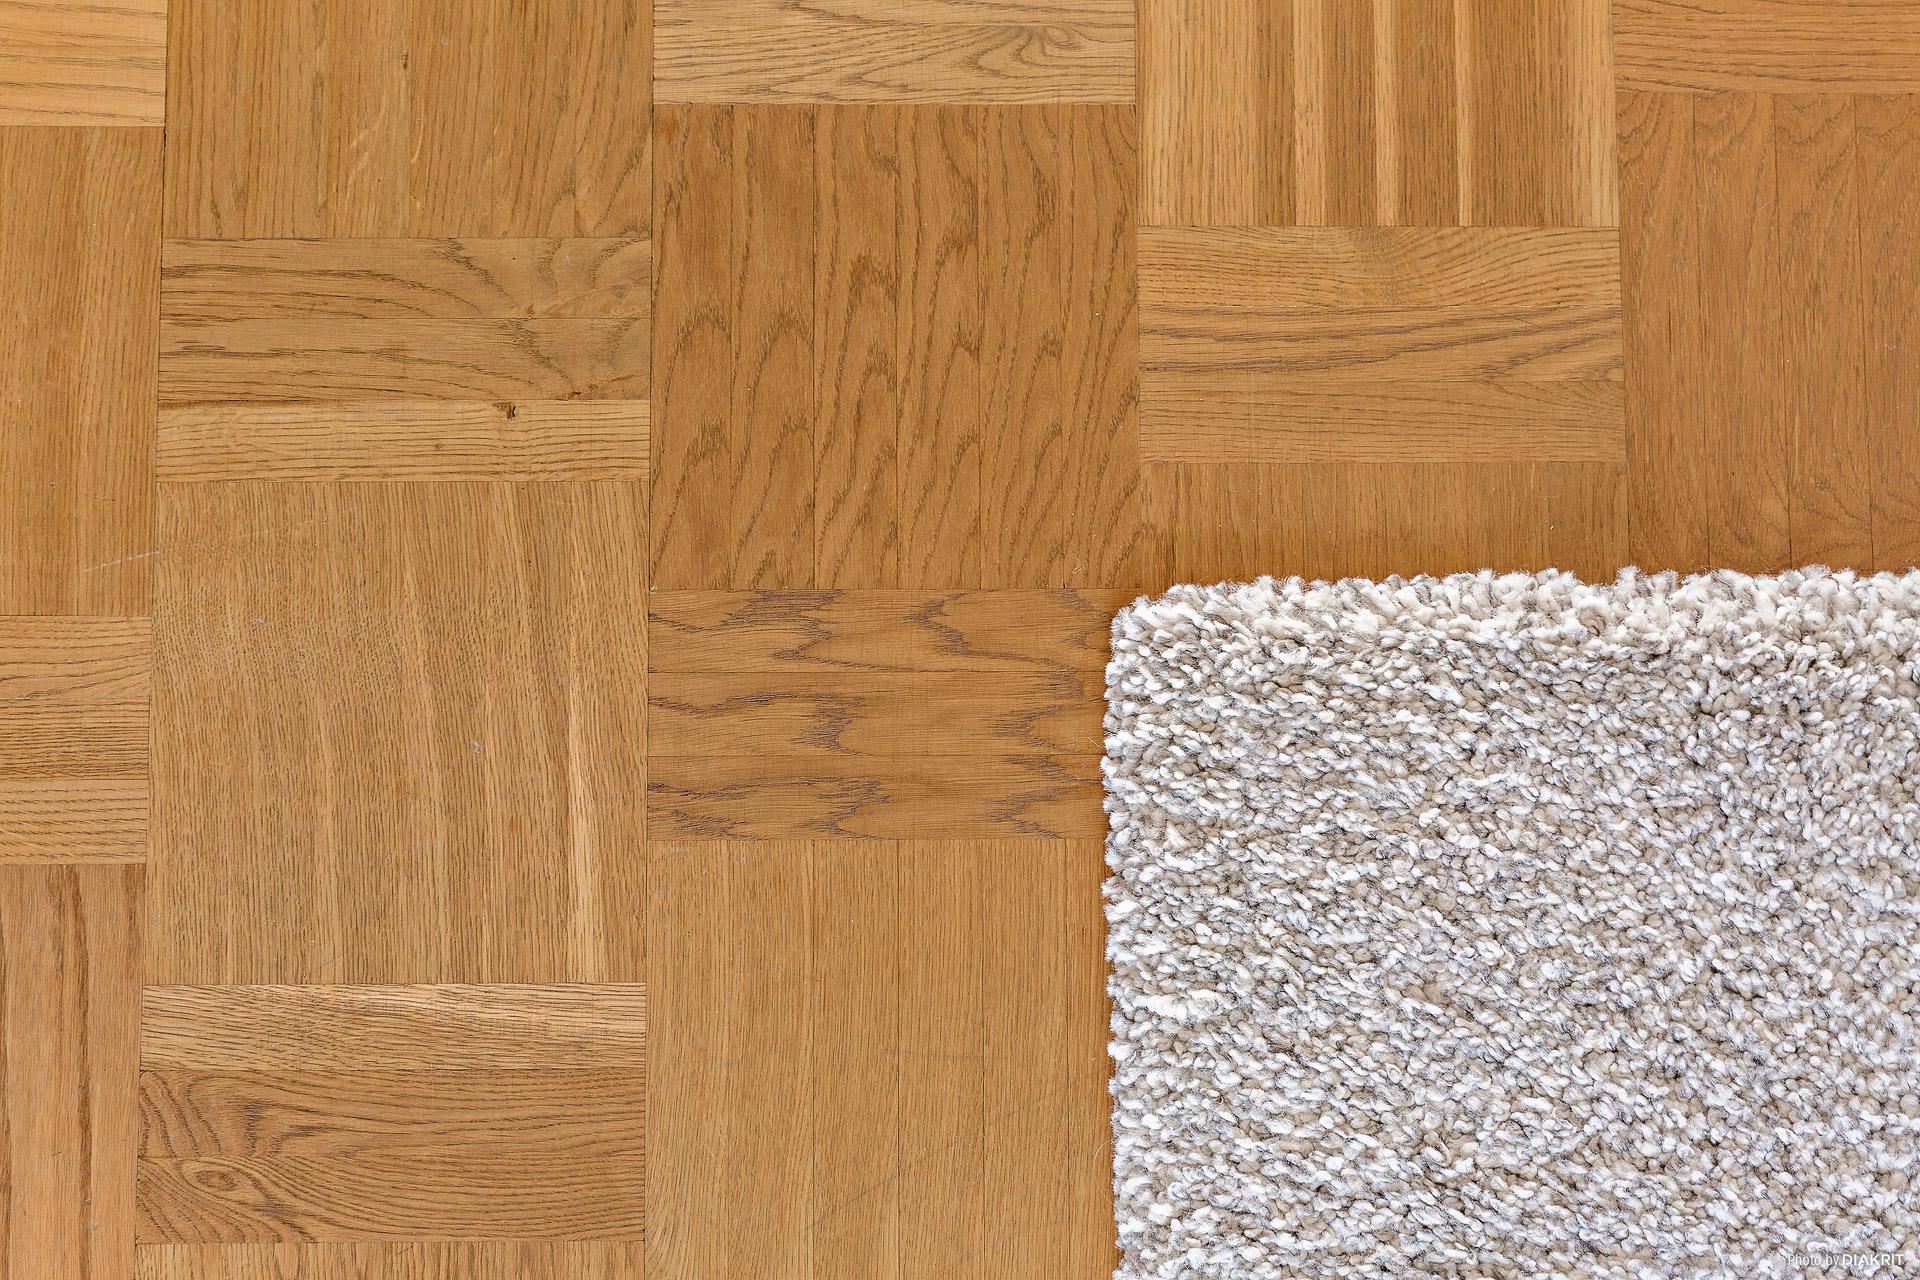 Vackra enhetliga ekparkett golv i hela lägenheten